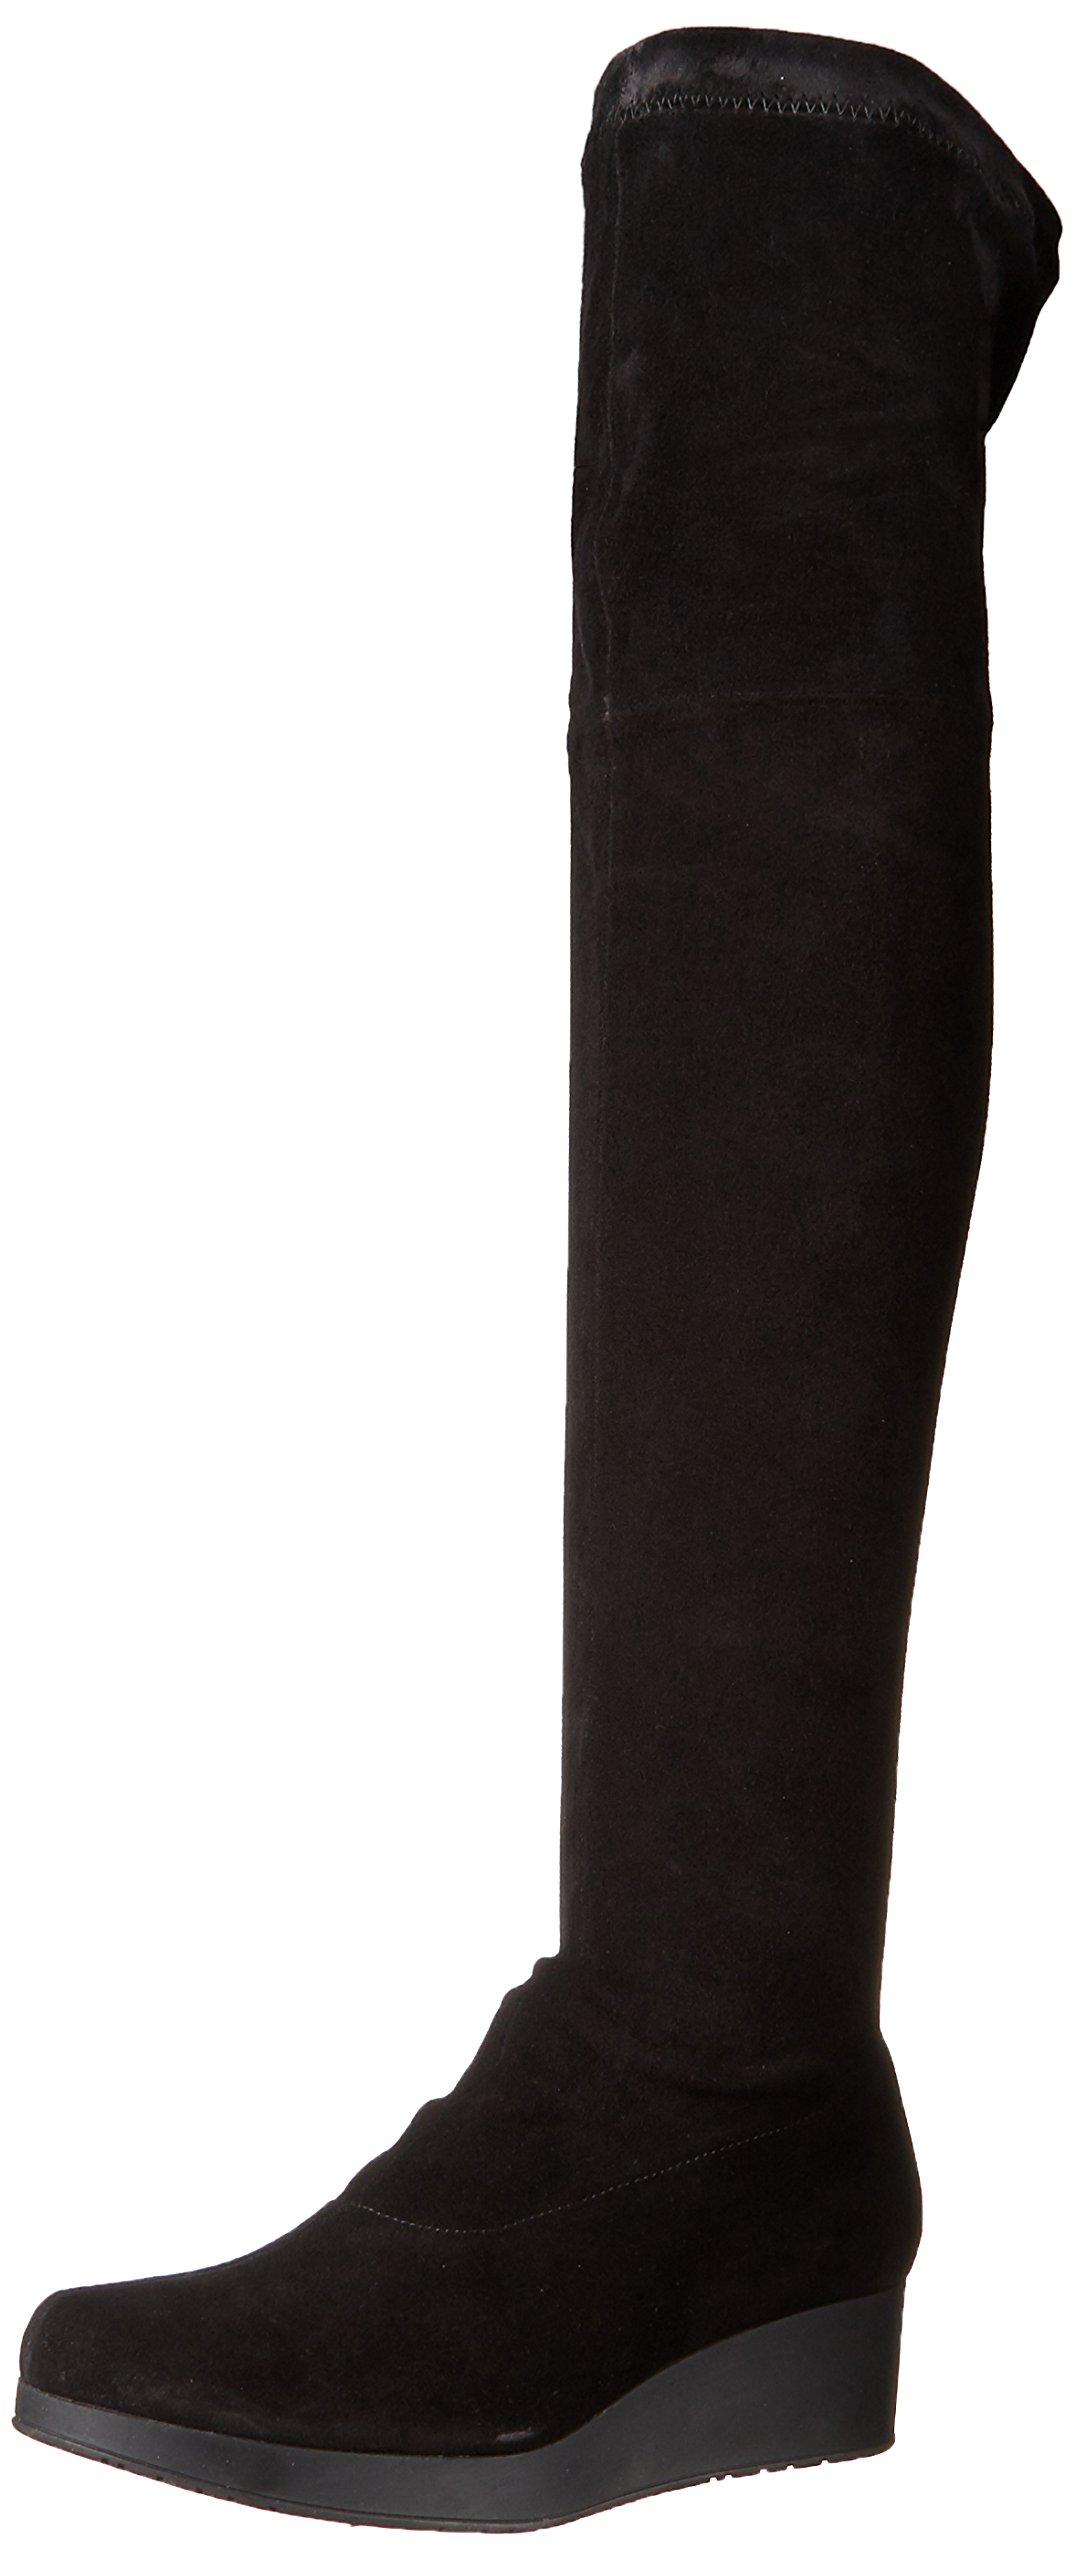 Robert Clergerie Women's Natul Winter Boot,Black Suede,39.5 EU/9 B US by Robert Clergerie (Image #1)